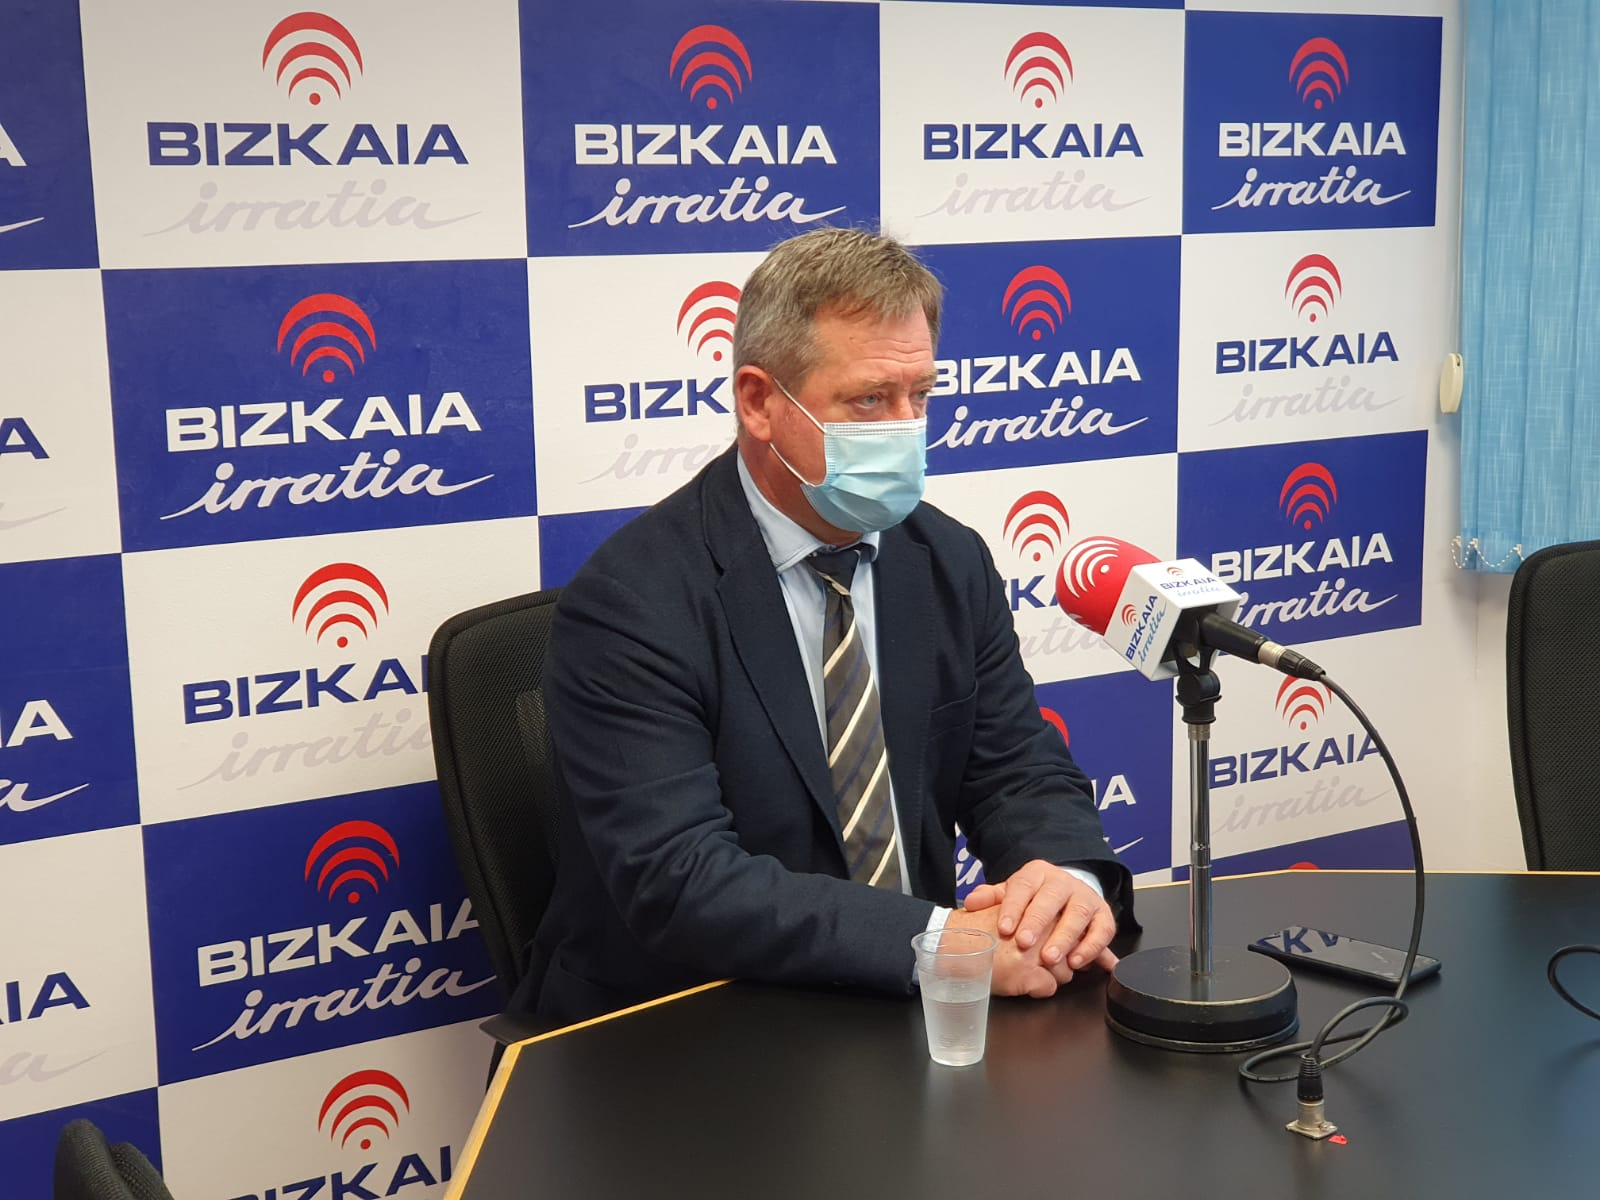 zupiria_bizkaia_irratia.jpg